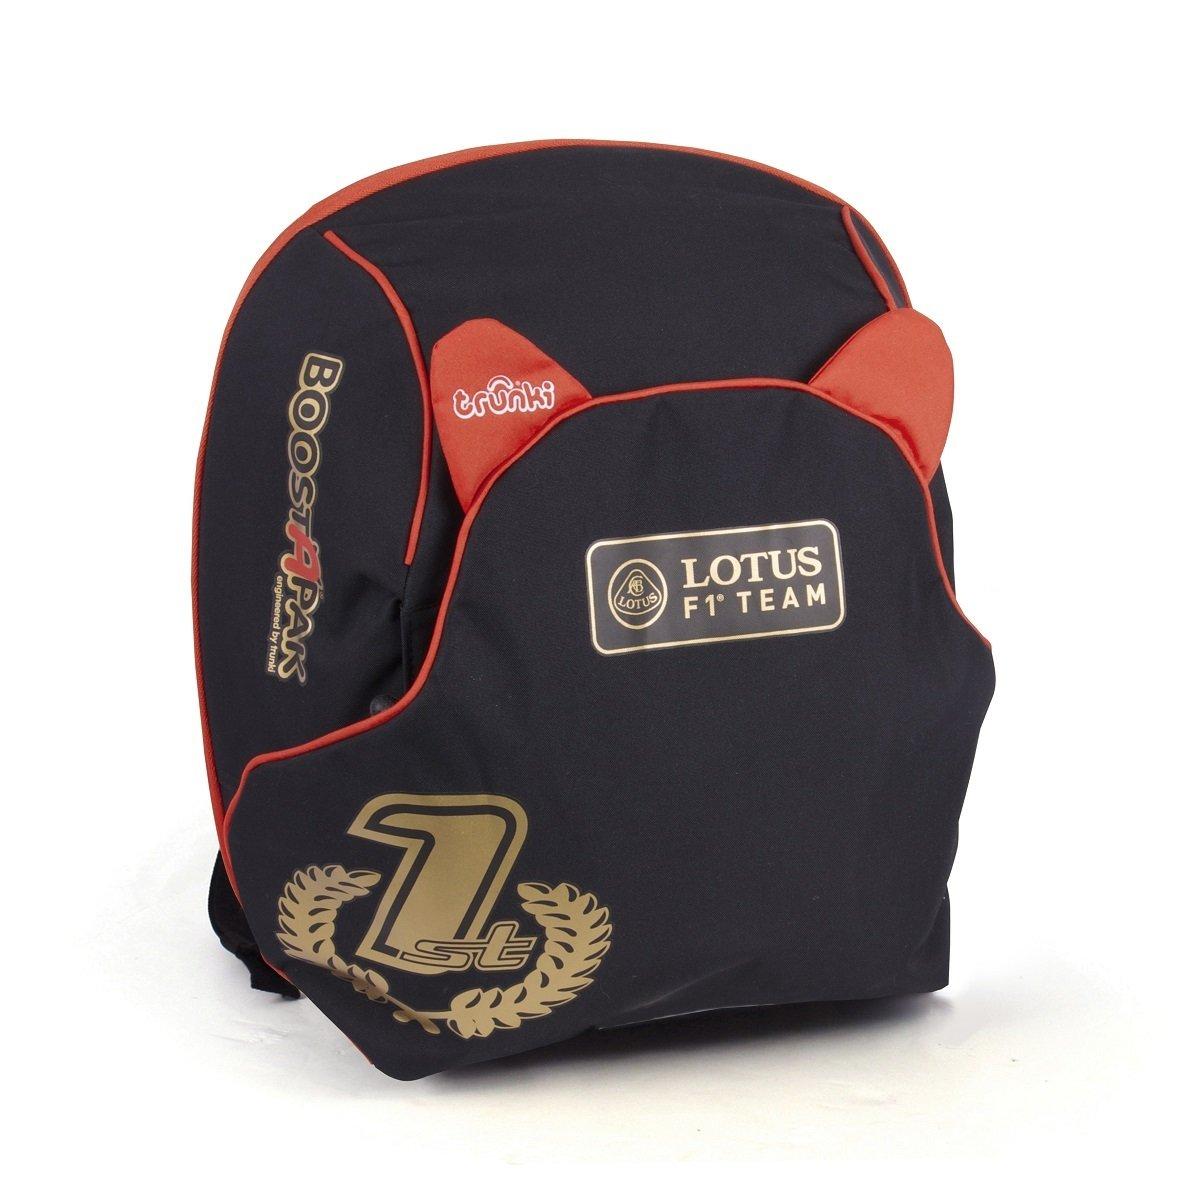 汽車安全座椅與背包 -  路特斯F1